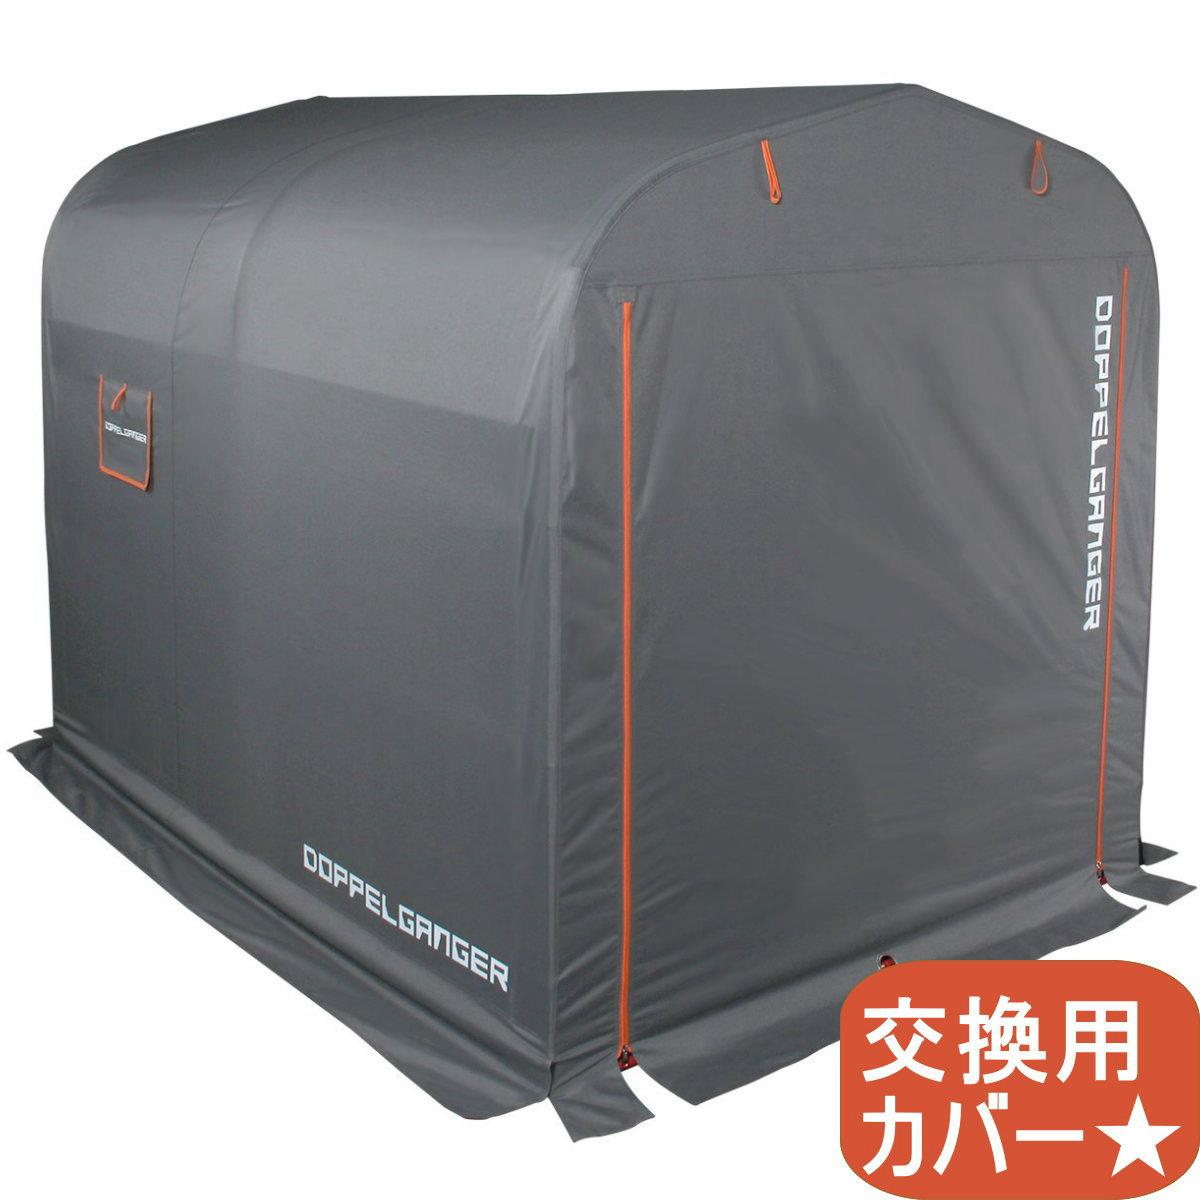 DOPPELGANGER ストレージバイクガレージ   交換用カバー   DCC496L-GY   対応サイズ DCC330L-GY   ドッペルギャンガー